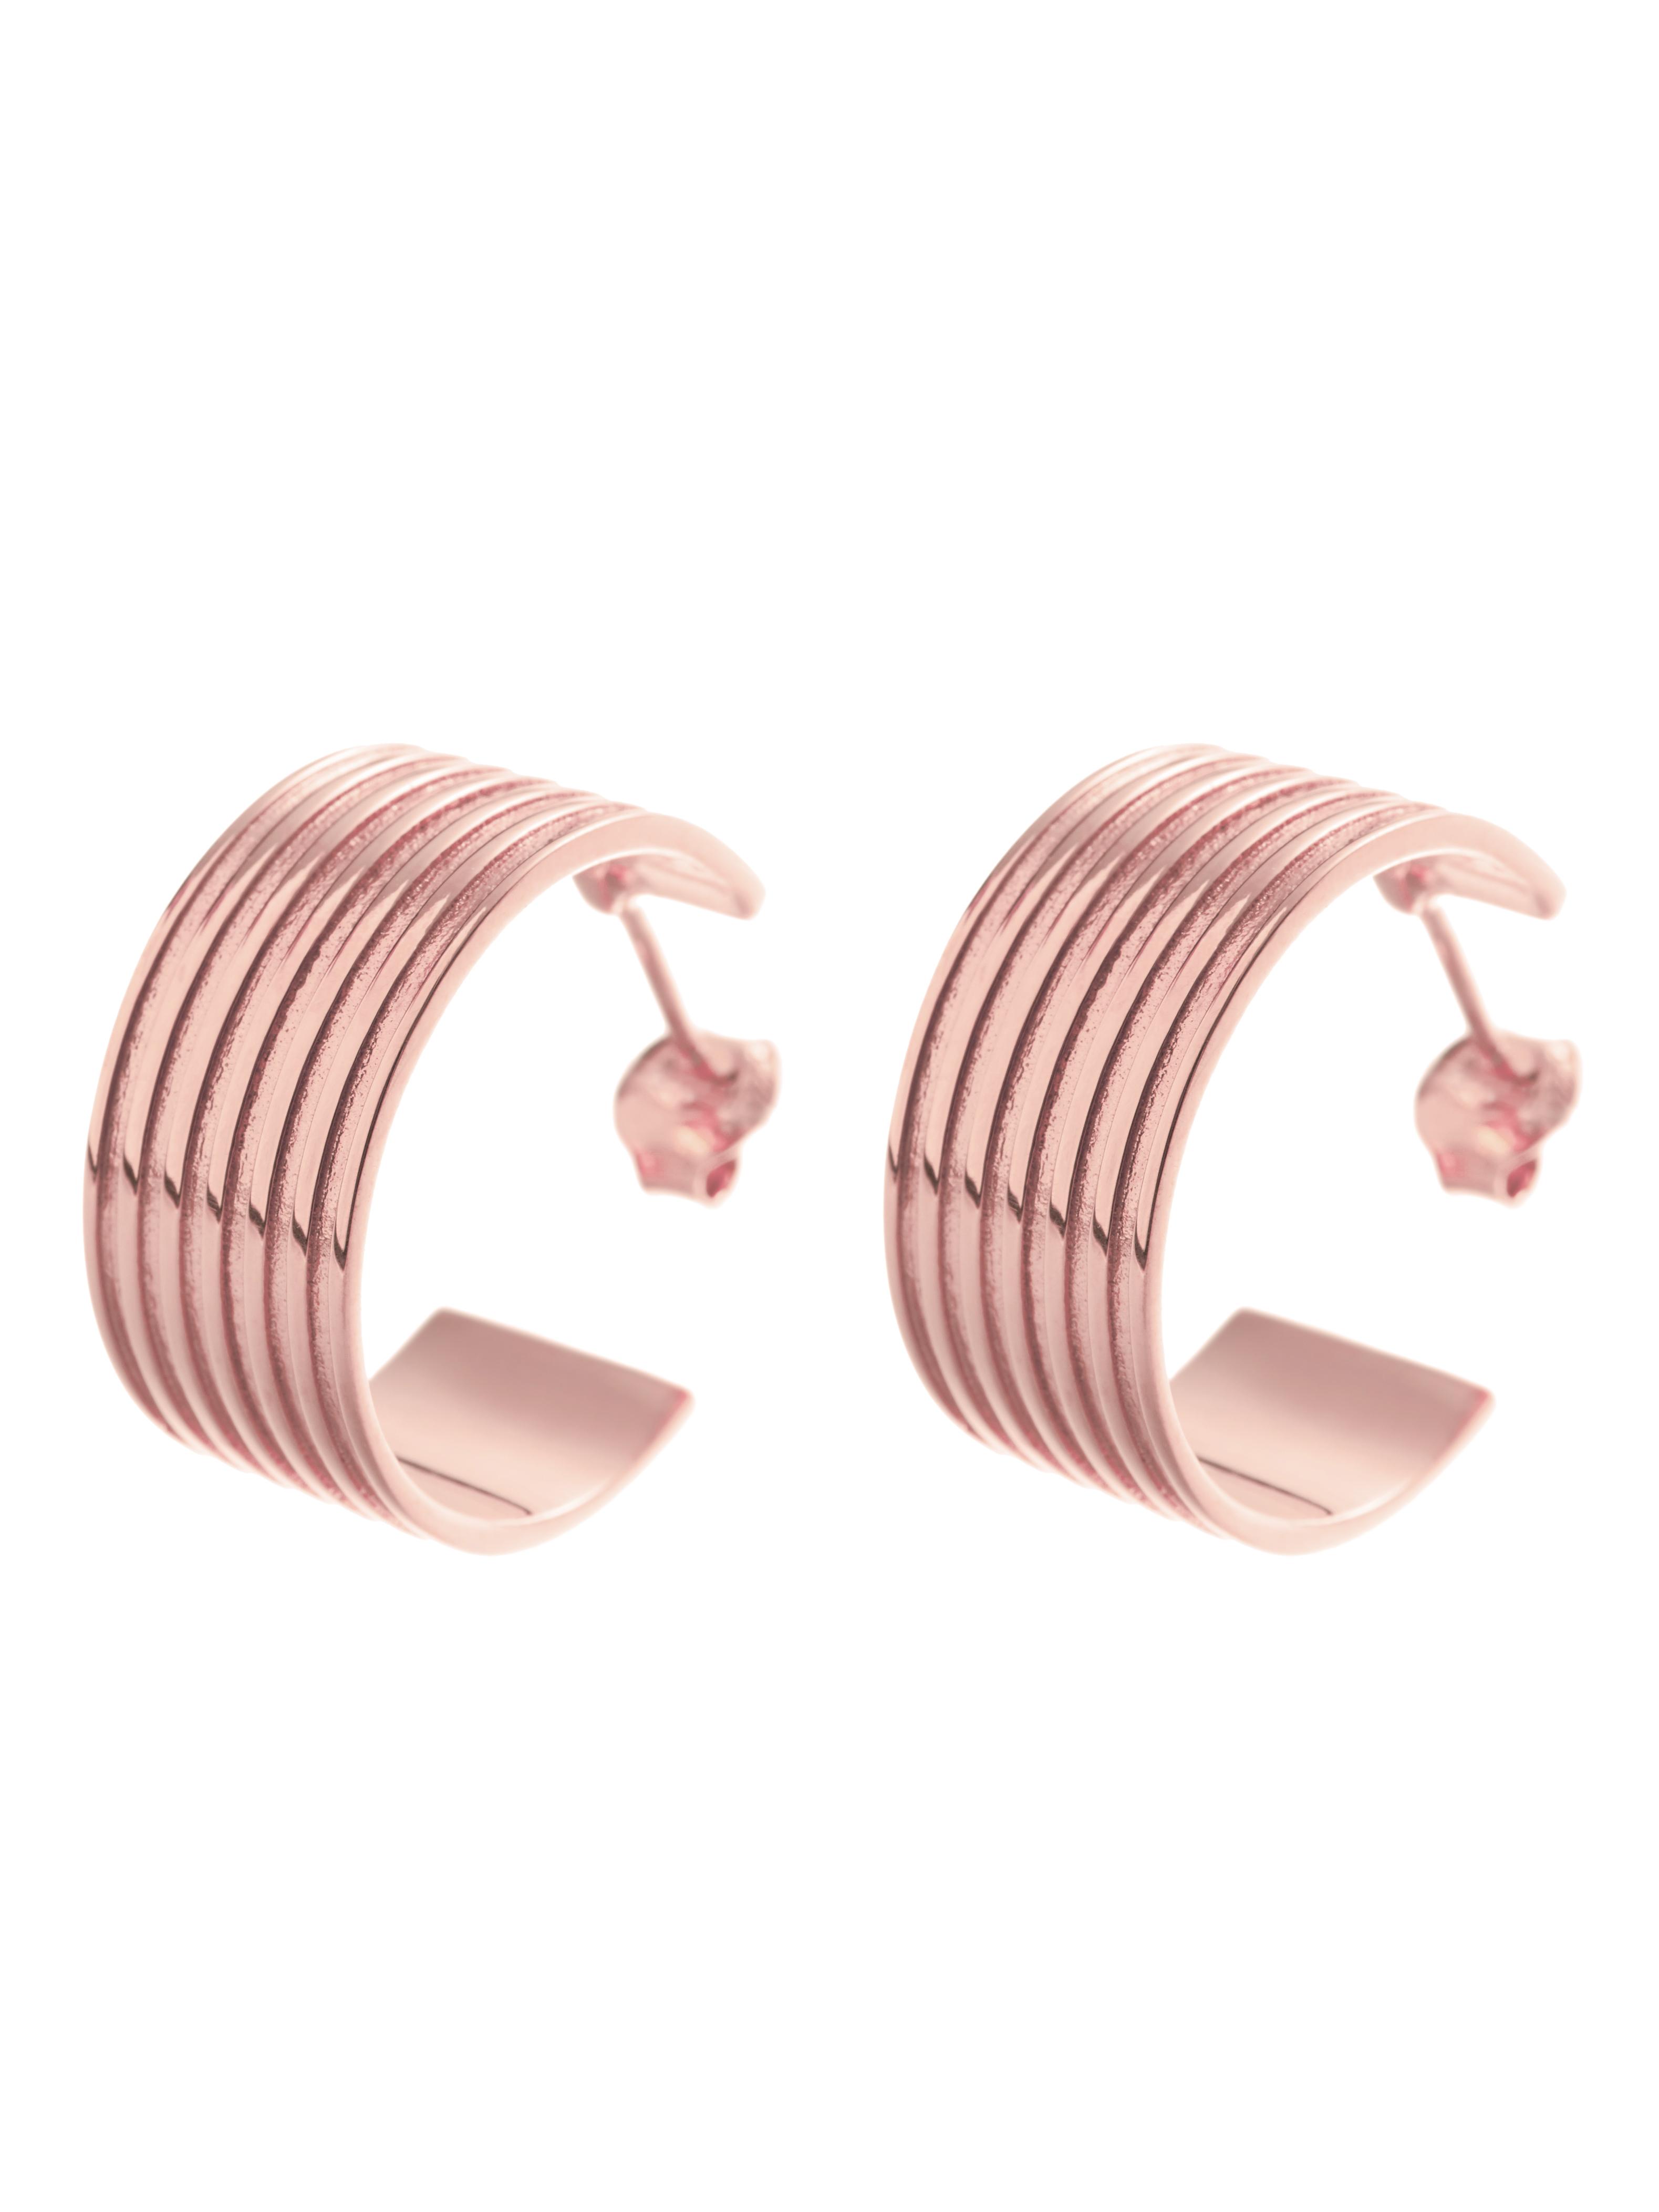 kolczyki kółka szerokie re10 różowe złoto minimalistyczna biżuteria moie